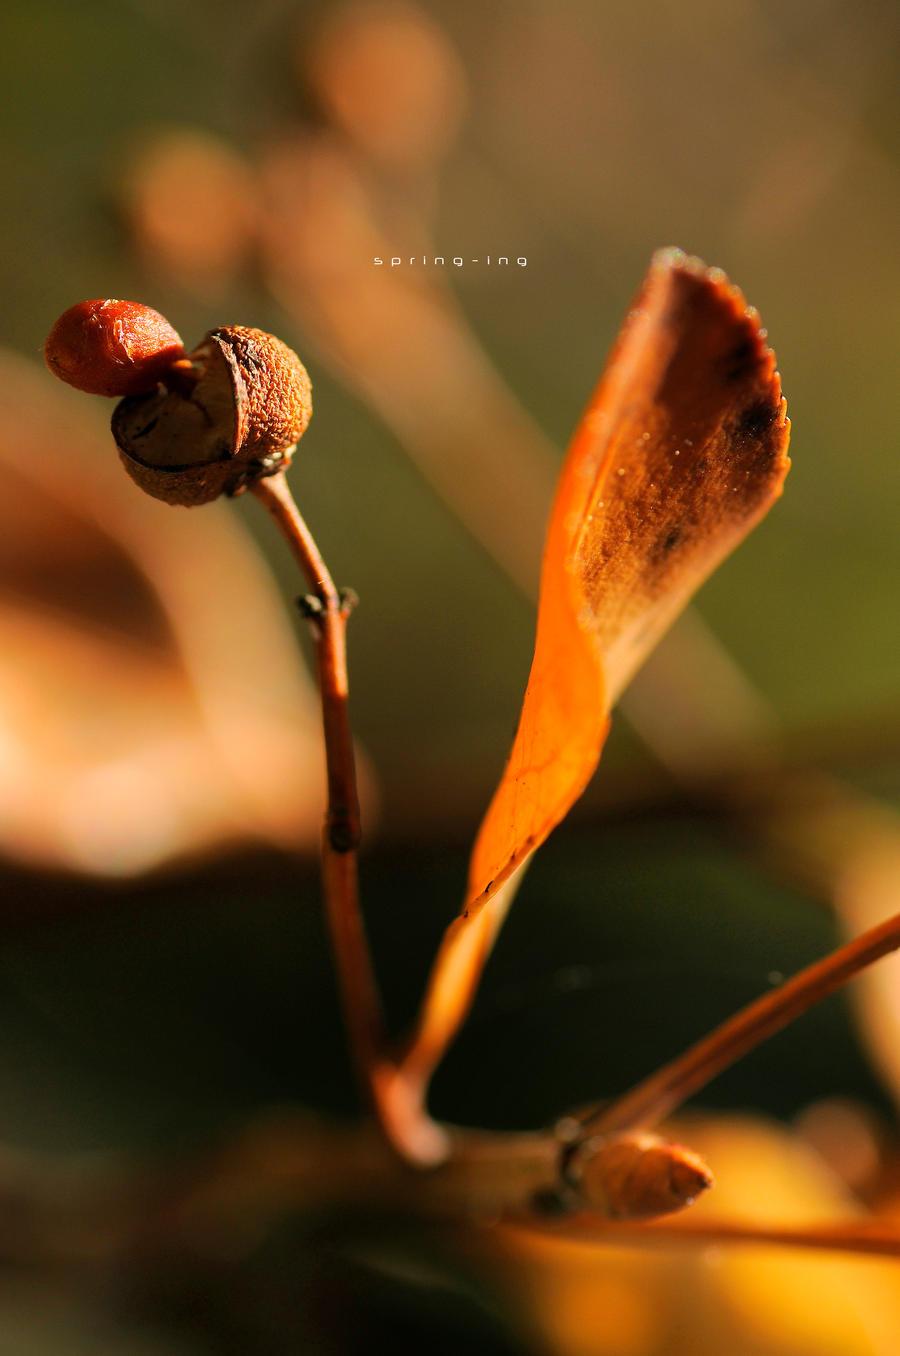 Spring-ing 041